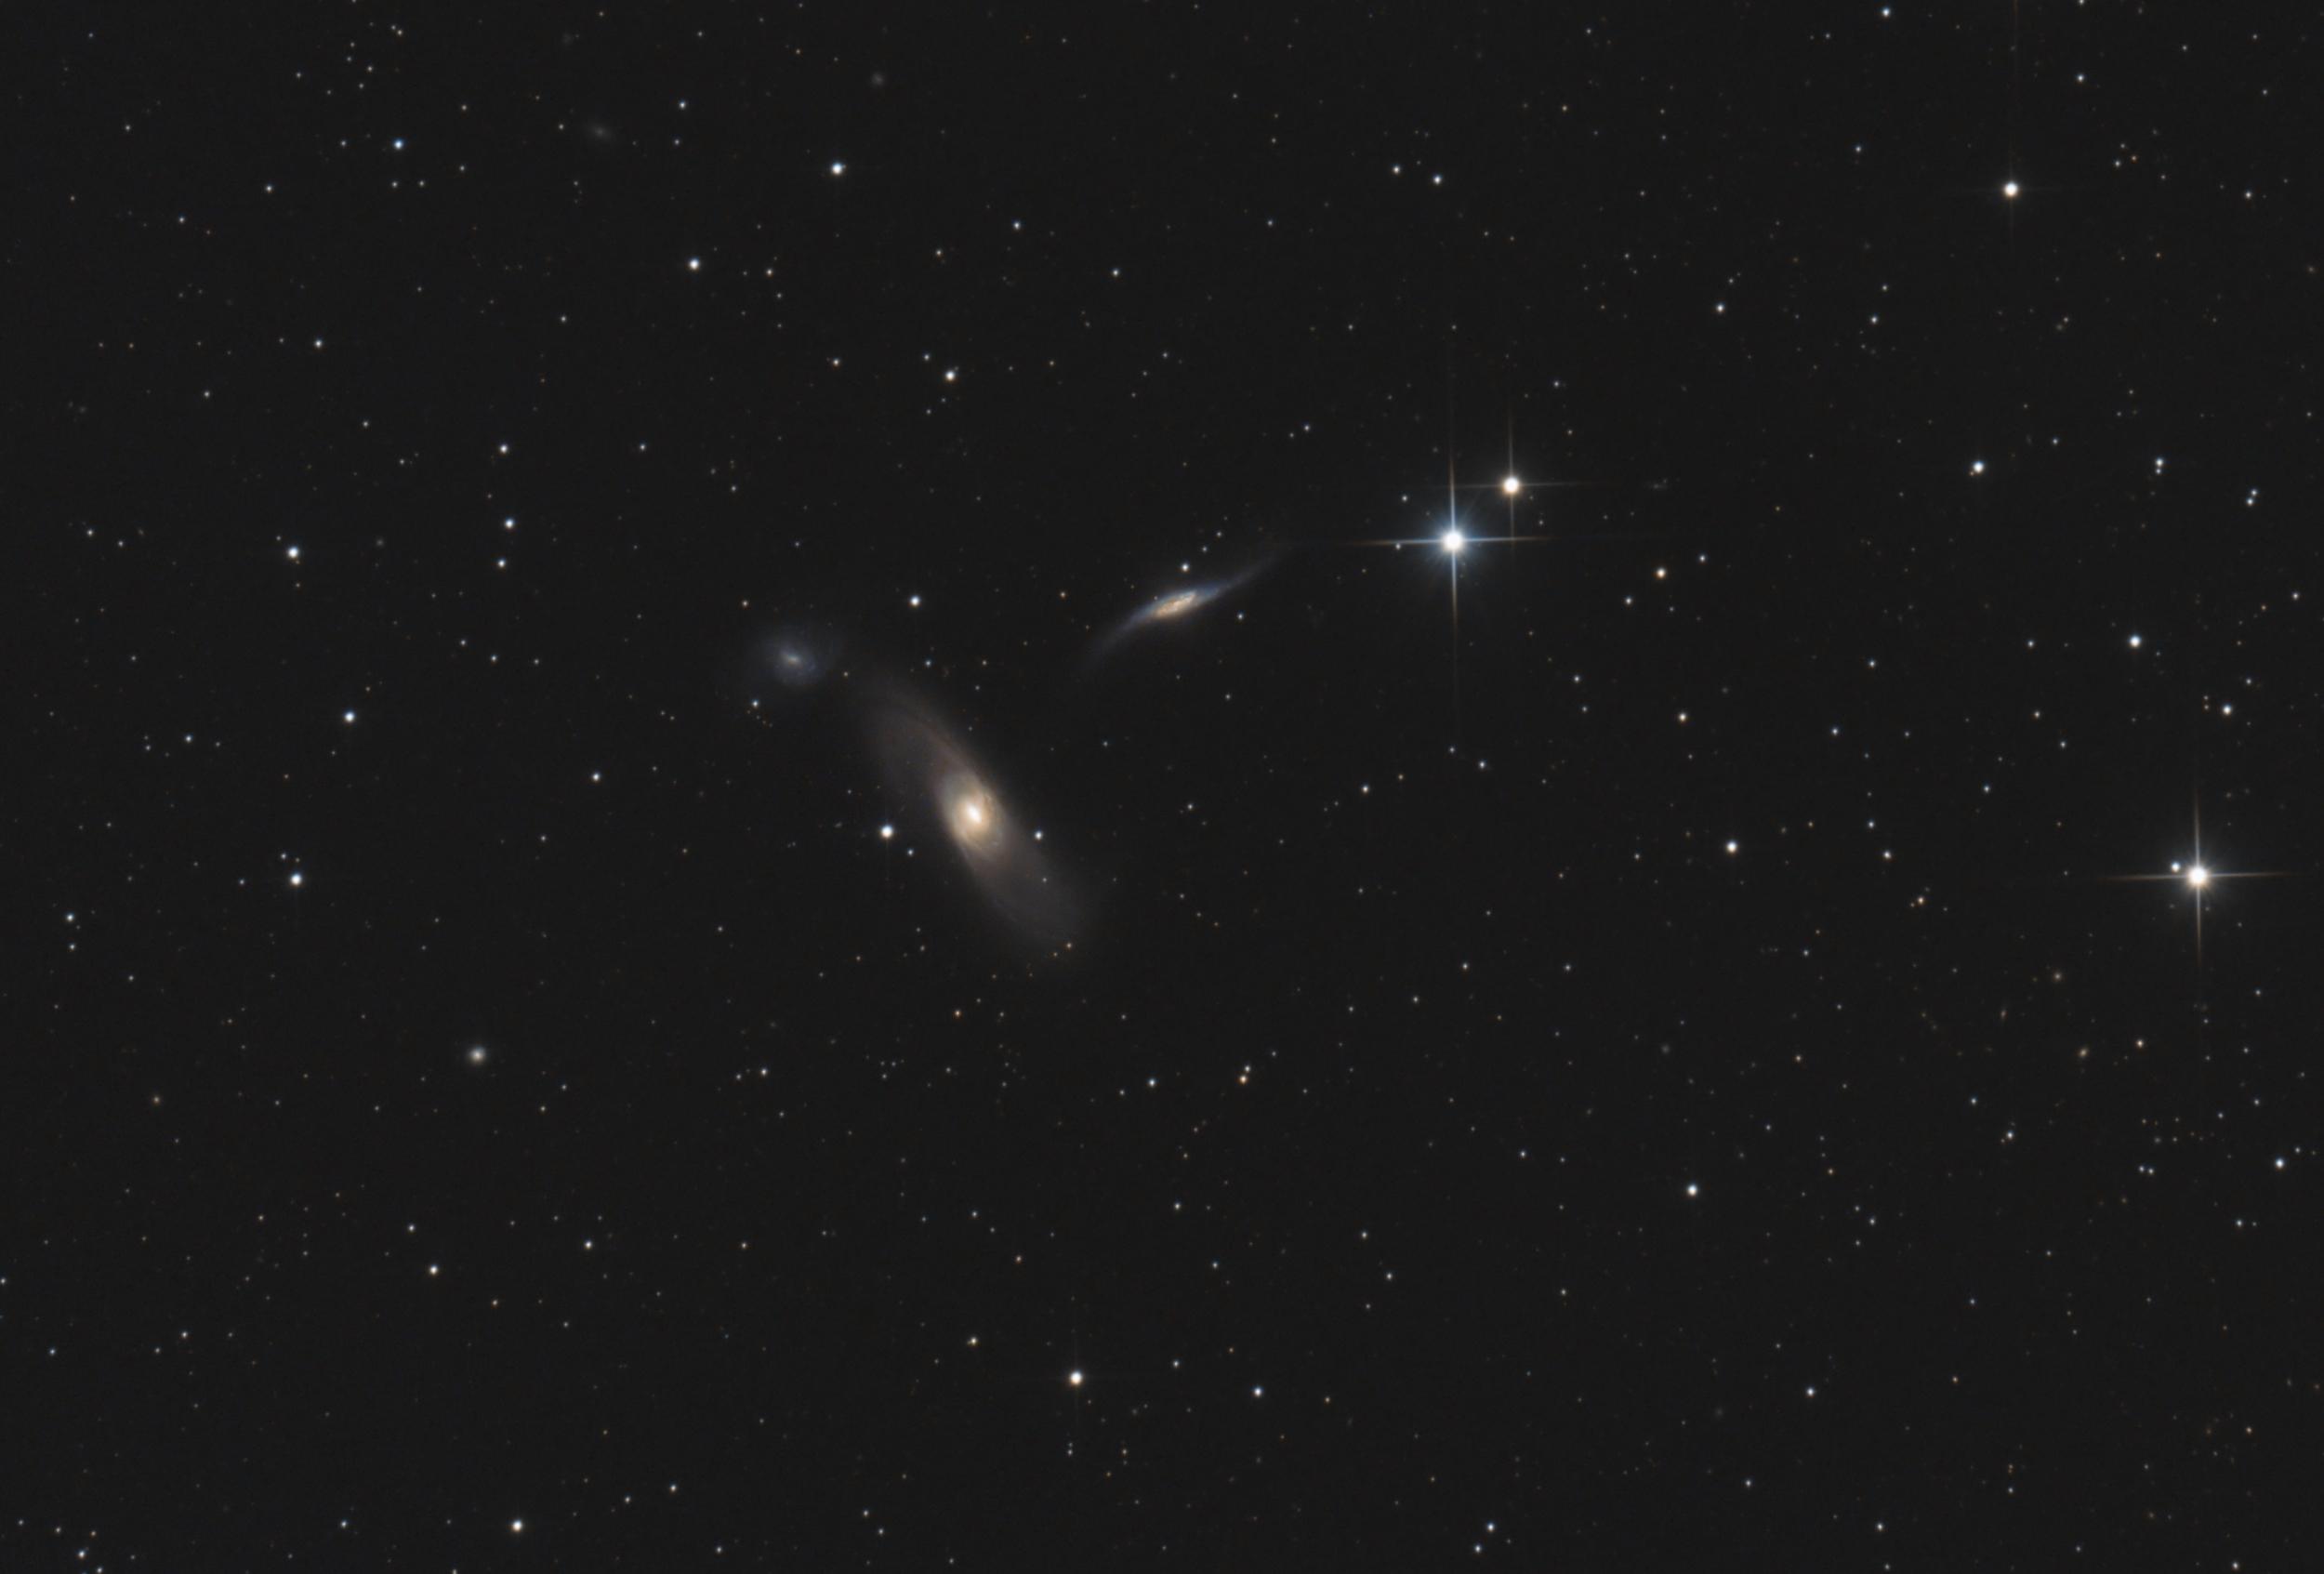 NGC5566